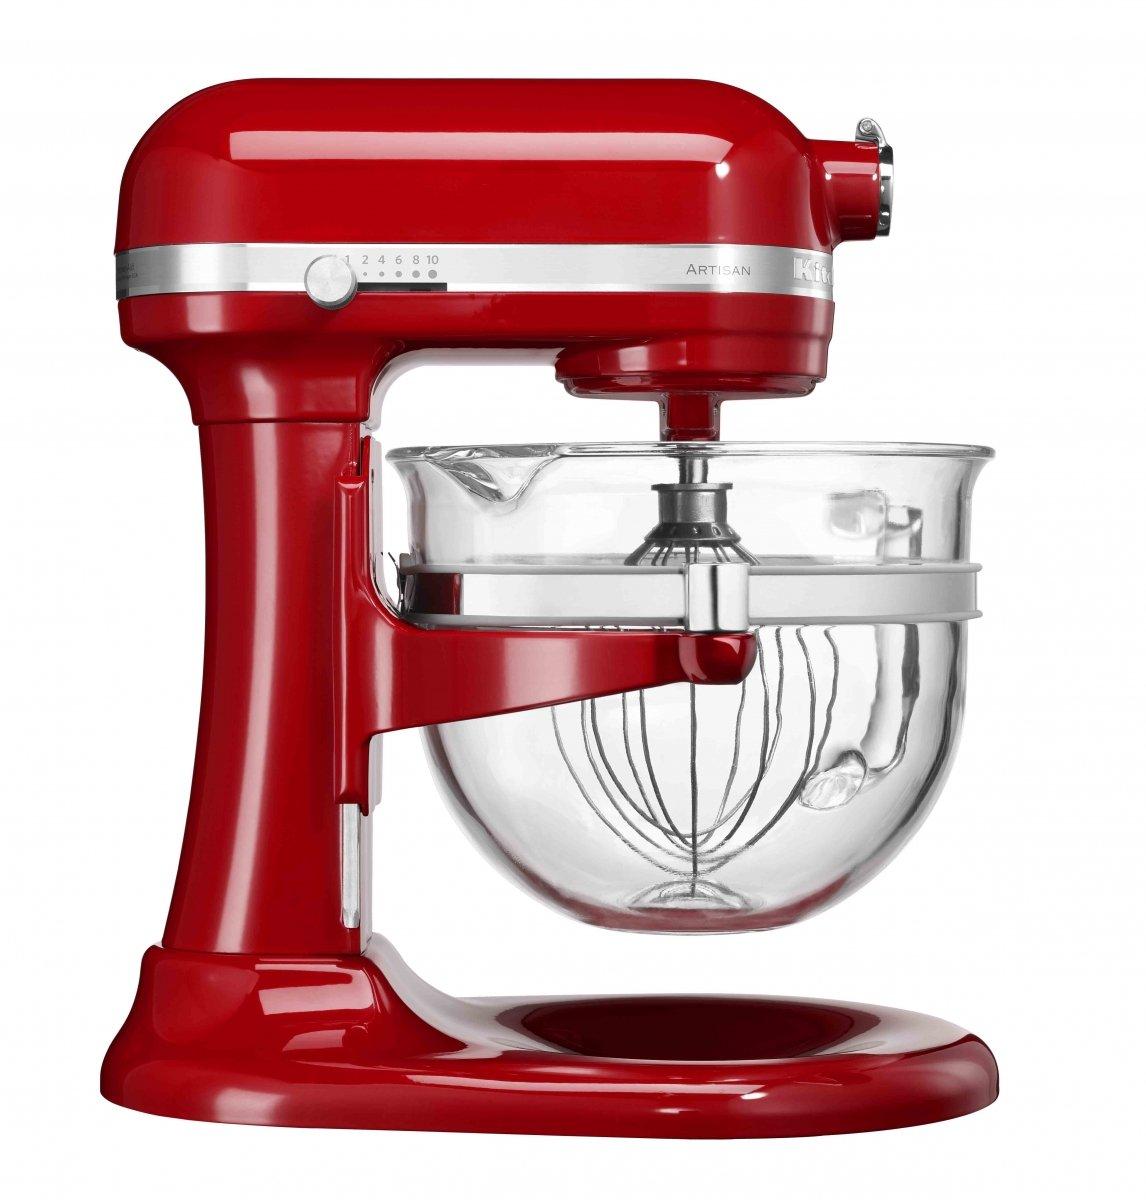 Amazon.de: KitchenAid 5KSM6521XEER Küchenmaschine Artisan Empire ...